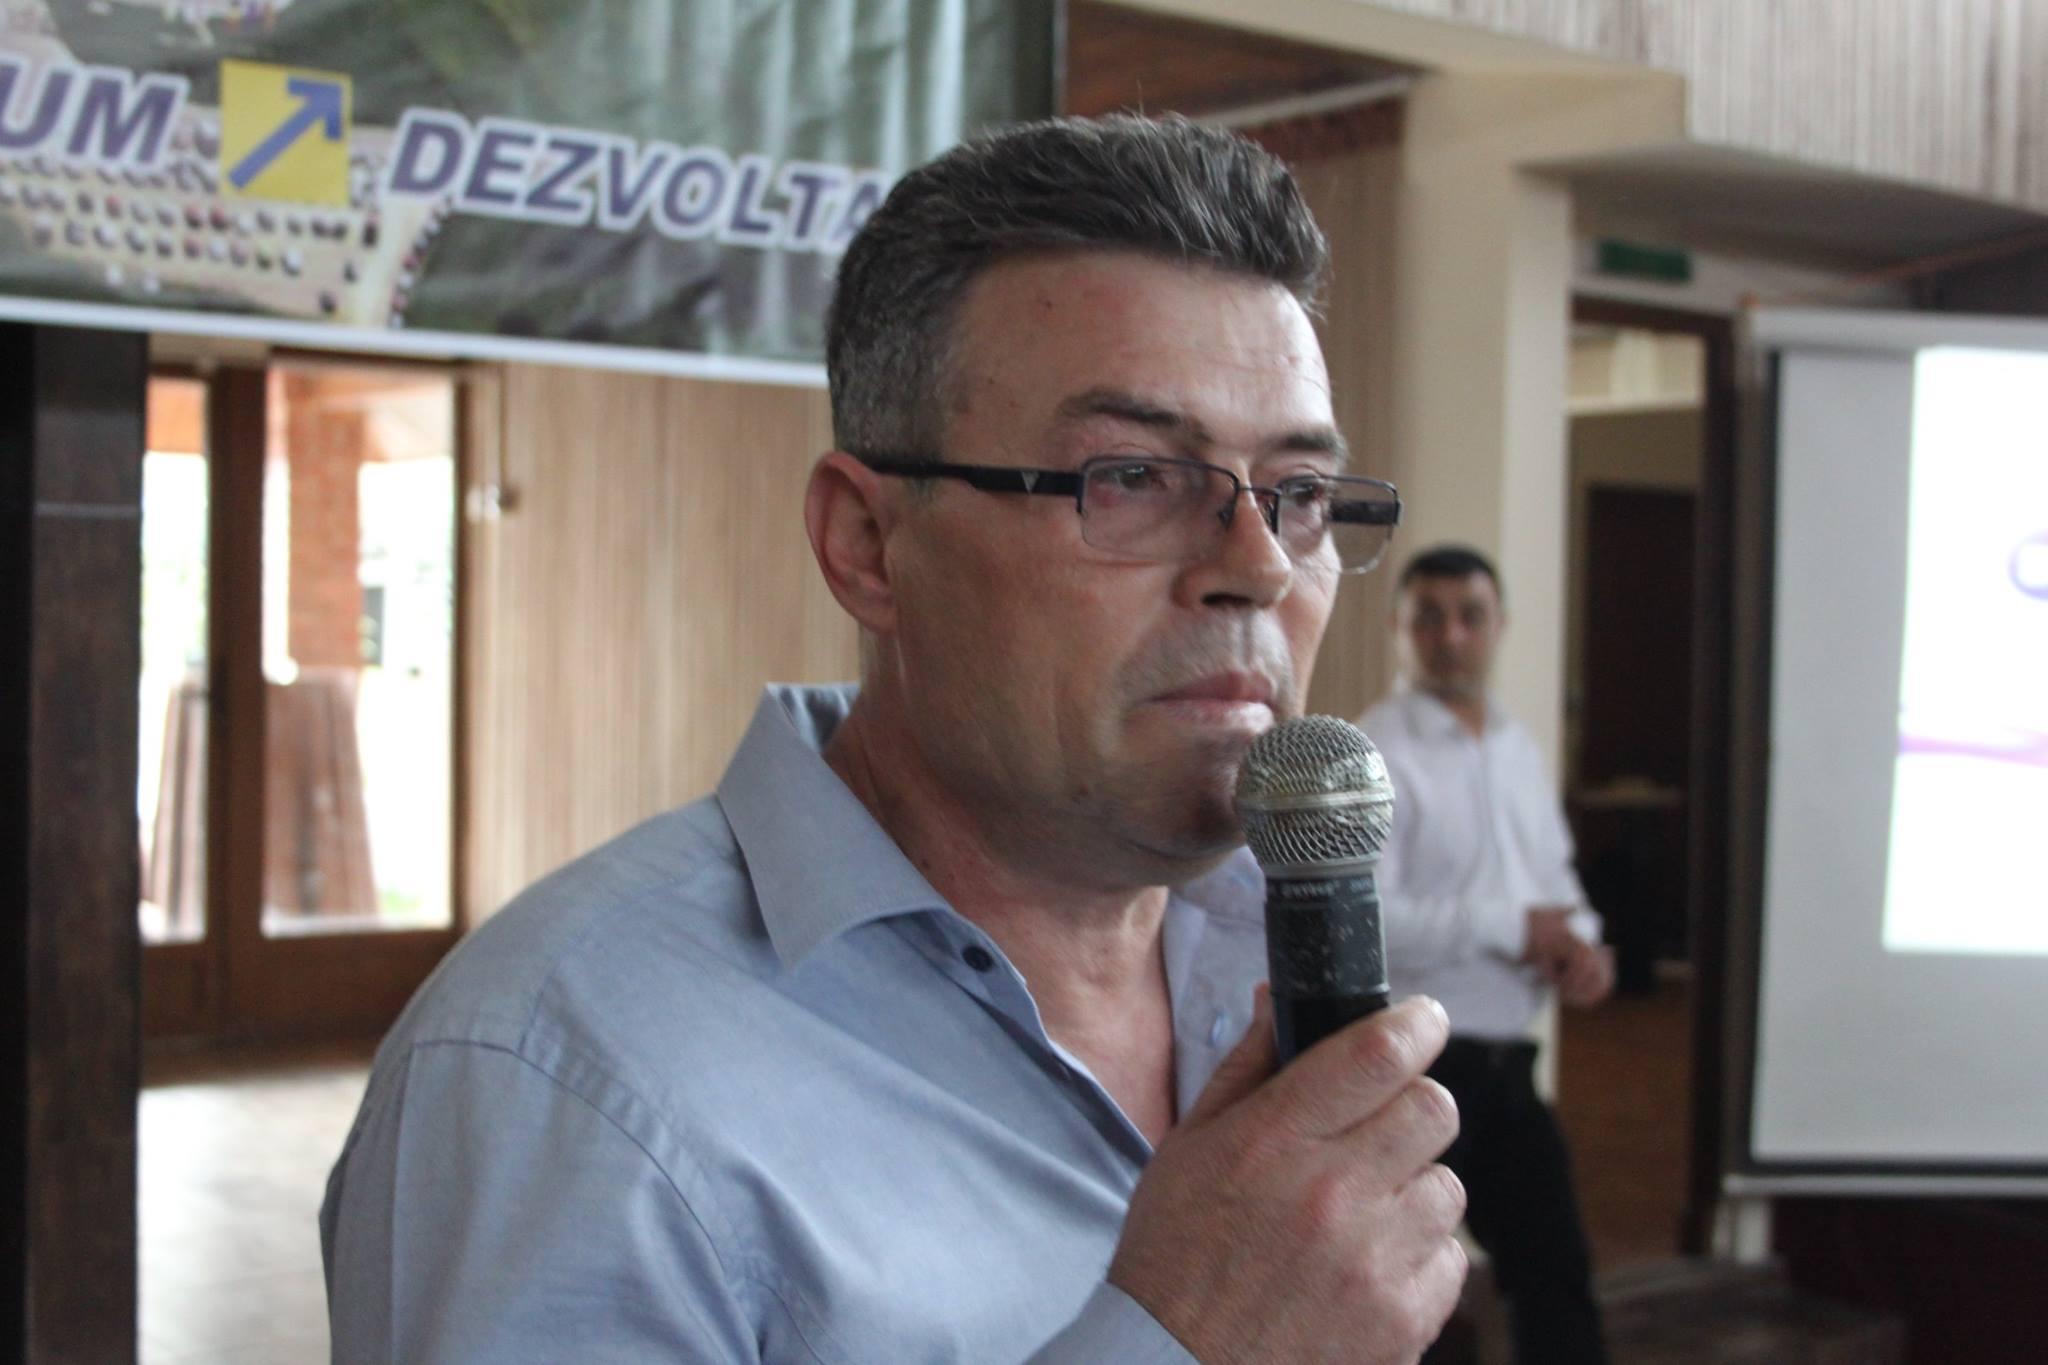 Întâlnirea oamenilor de afaceri din Turnu Măgurele Claudiu Crăcea, candidatul care poate schimba un oraș